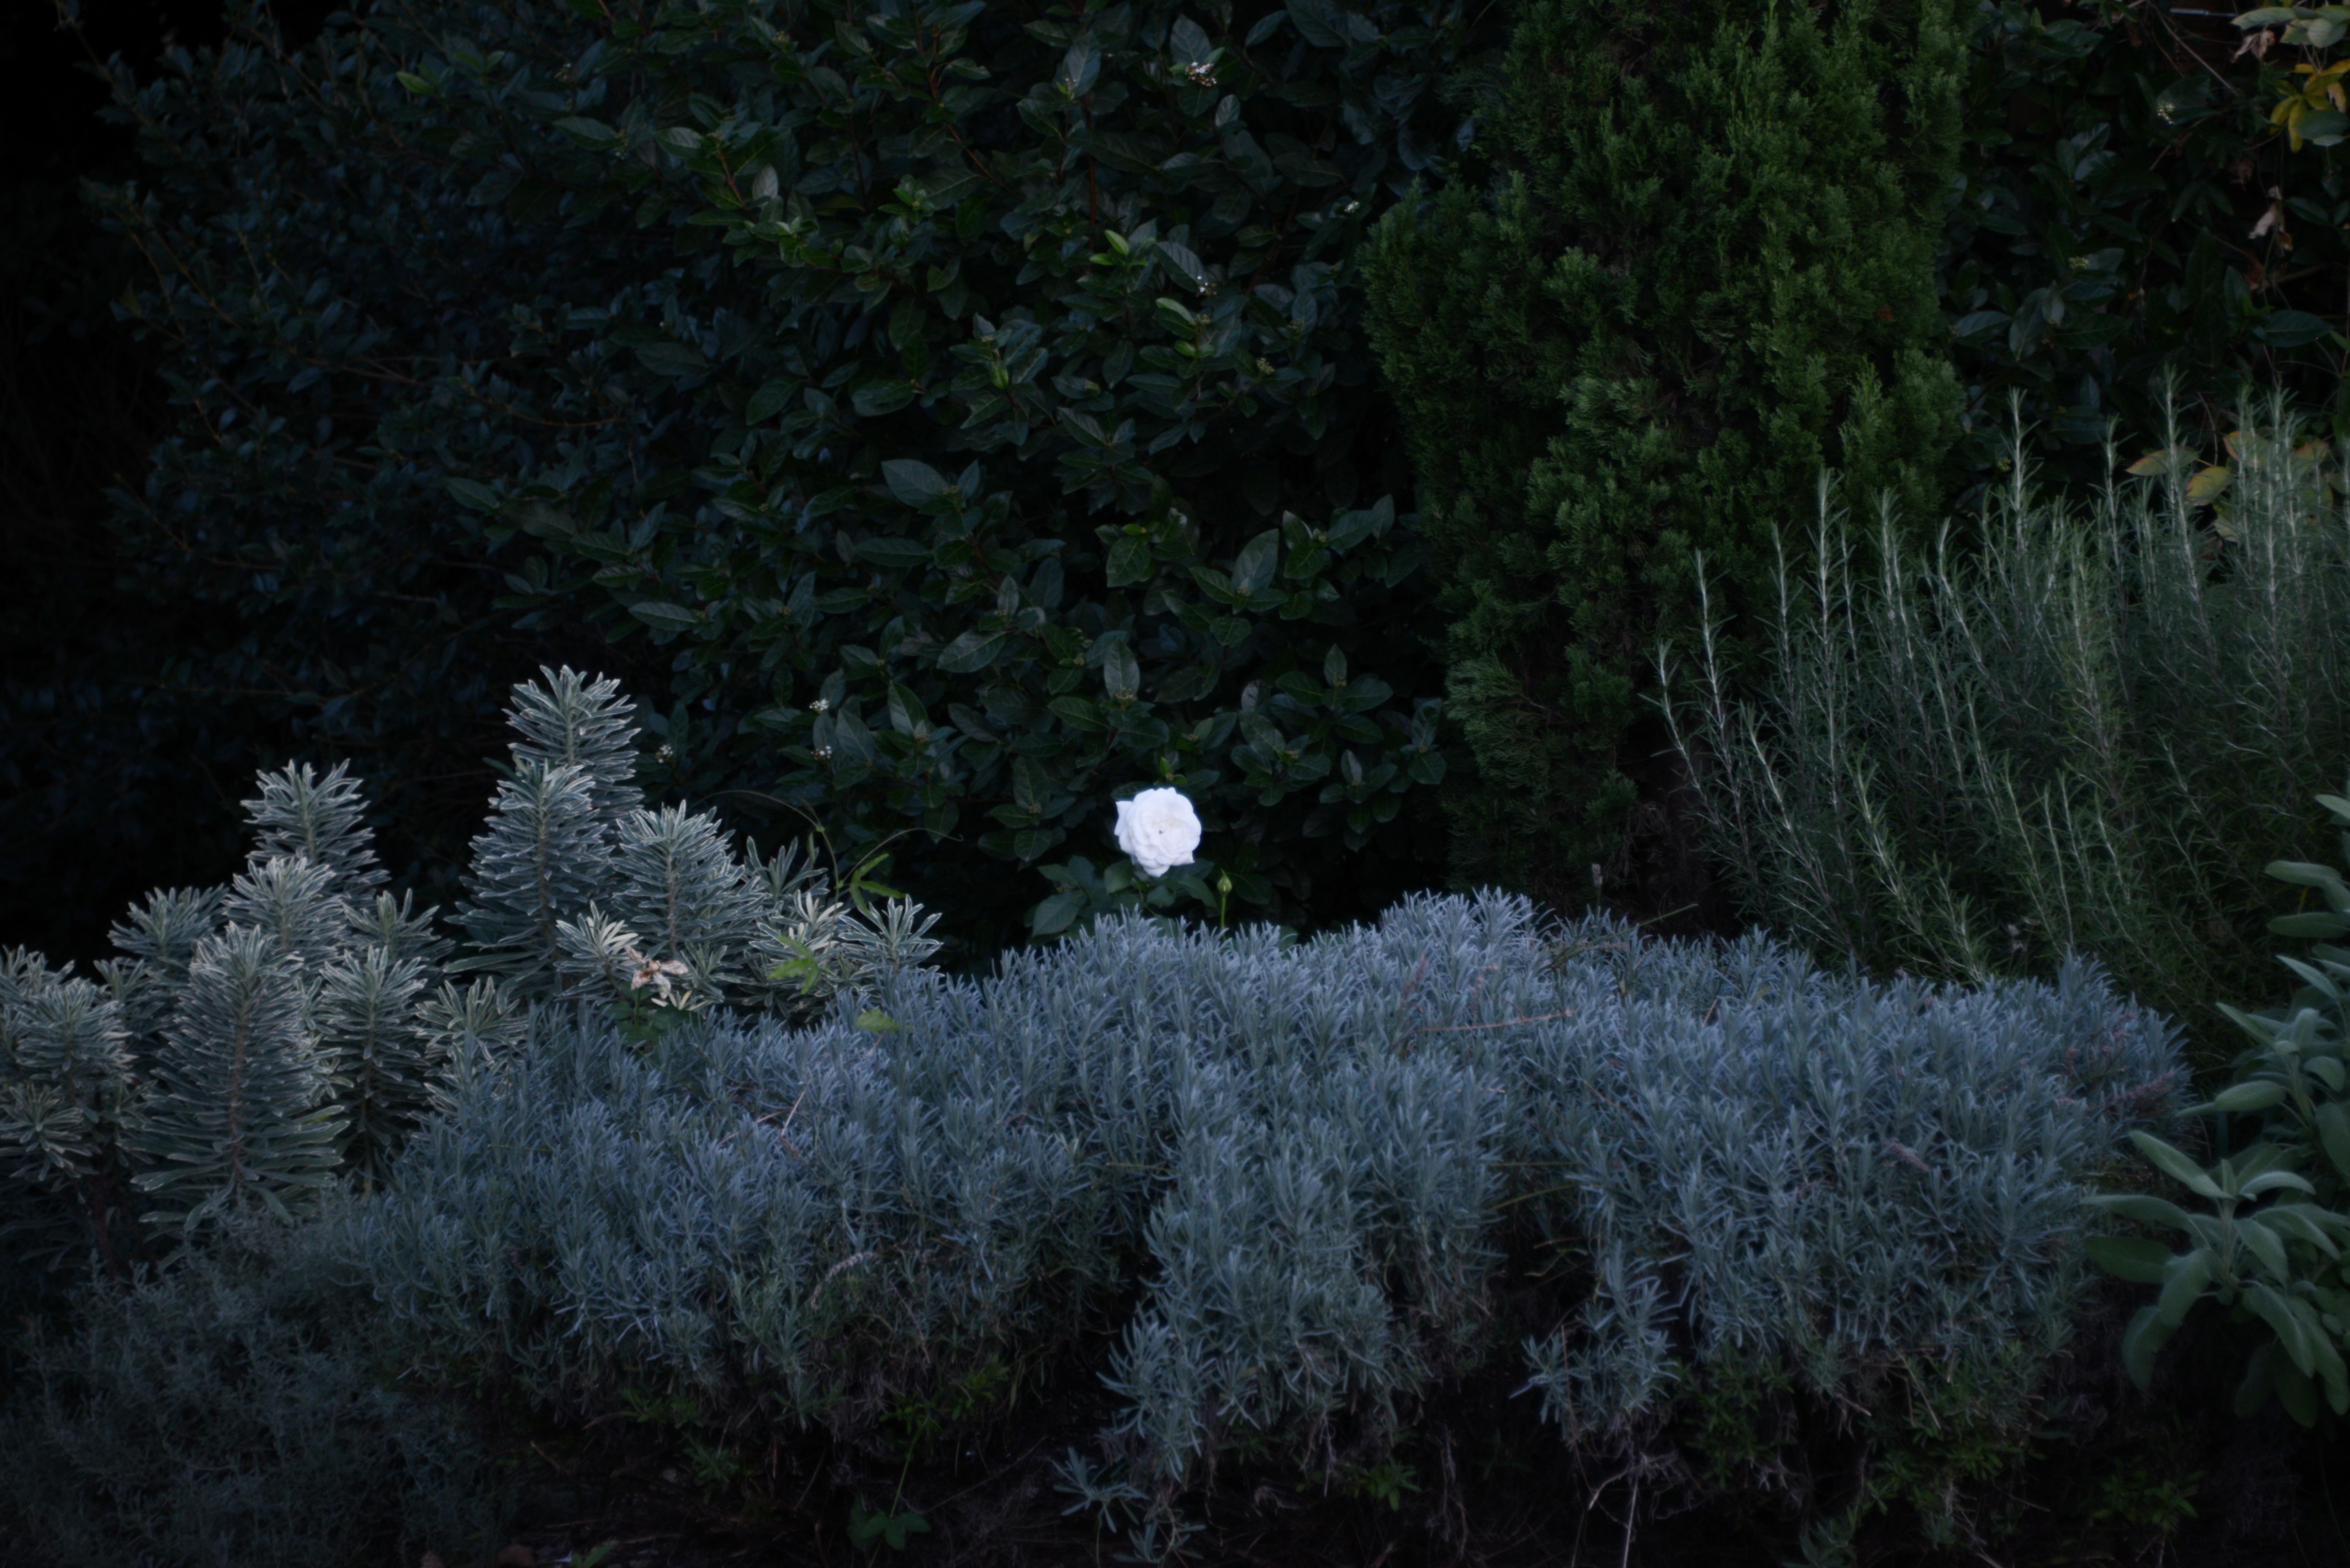 JBL_9930 Atlas paysages - architecte paysagiste Lyon - jardin france